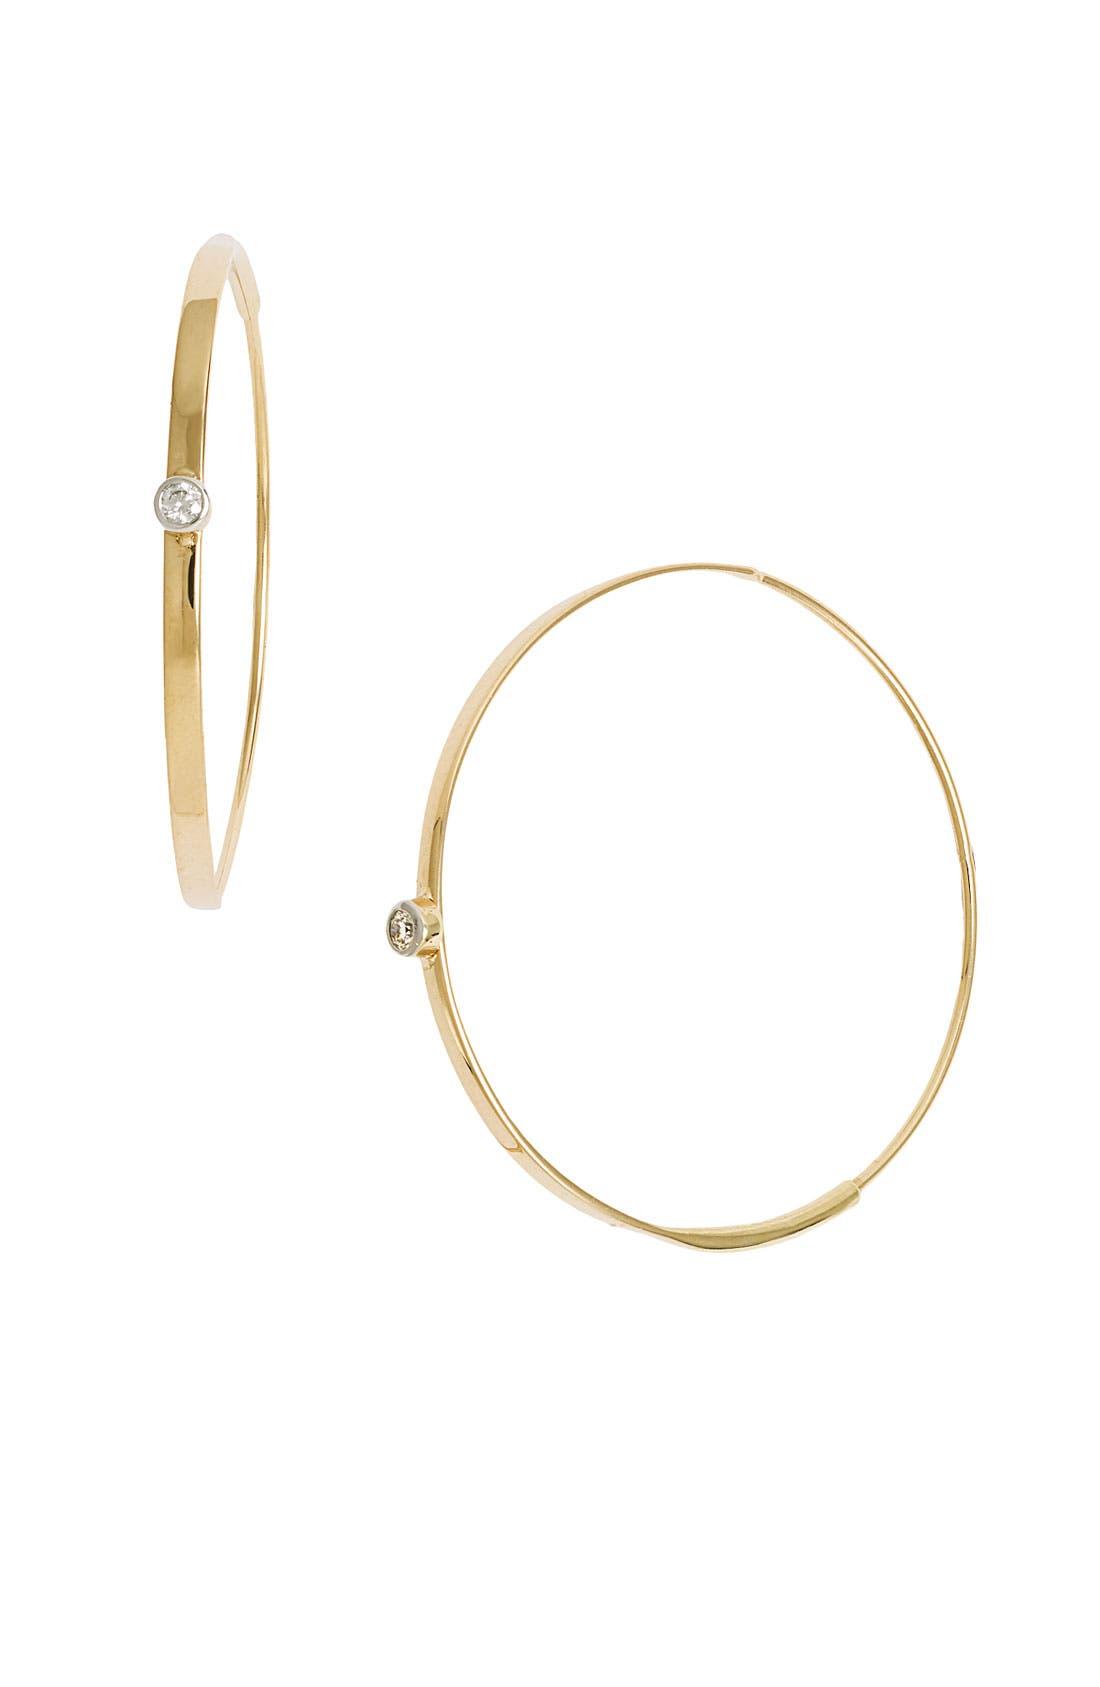 Main Image - Lana Jewelry 'Small Flat Magic' Diamond Hoop Earrings